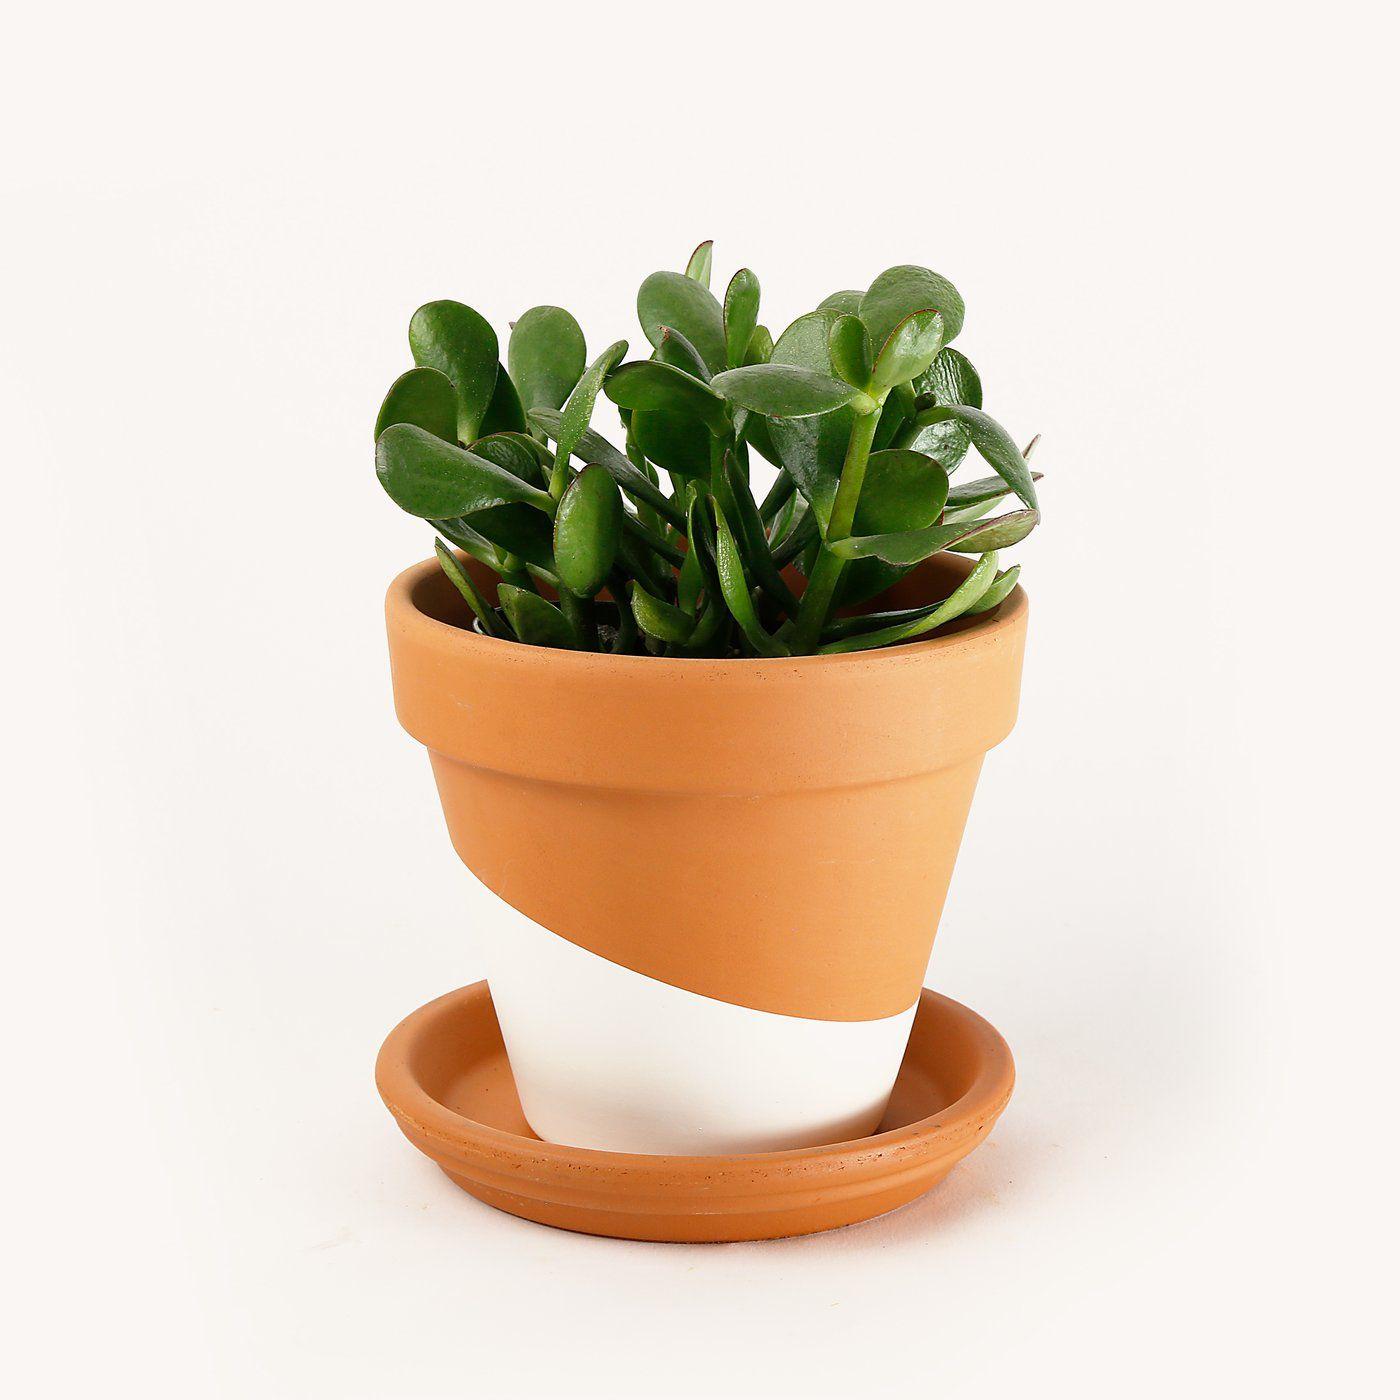 Jade plant in a terra cotta pot